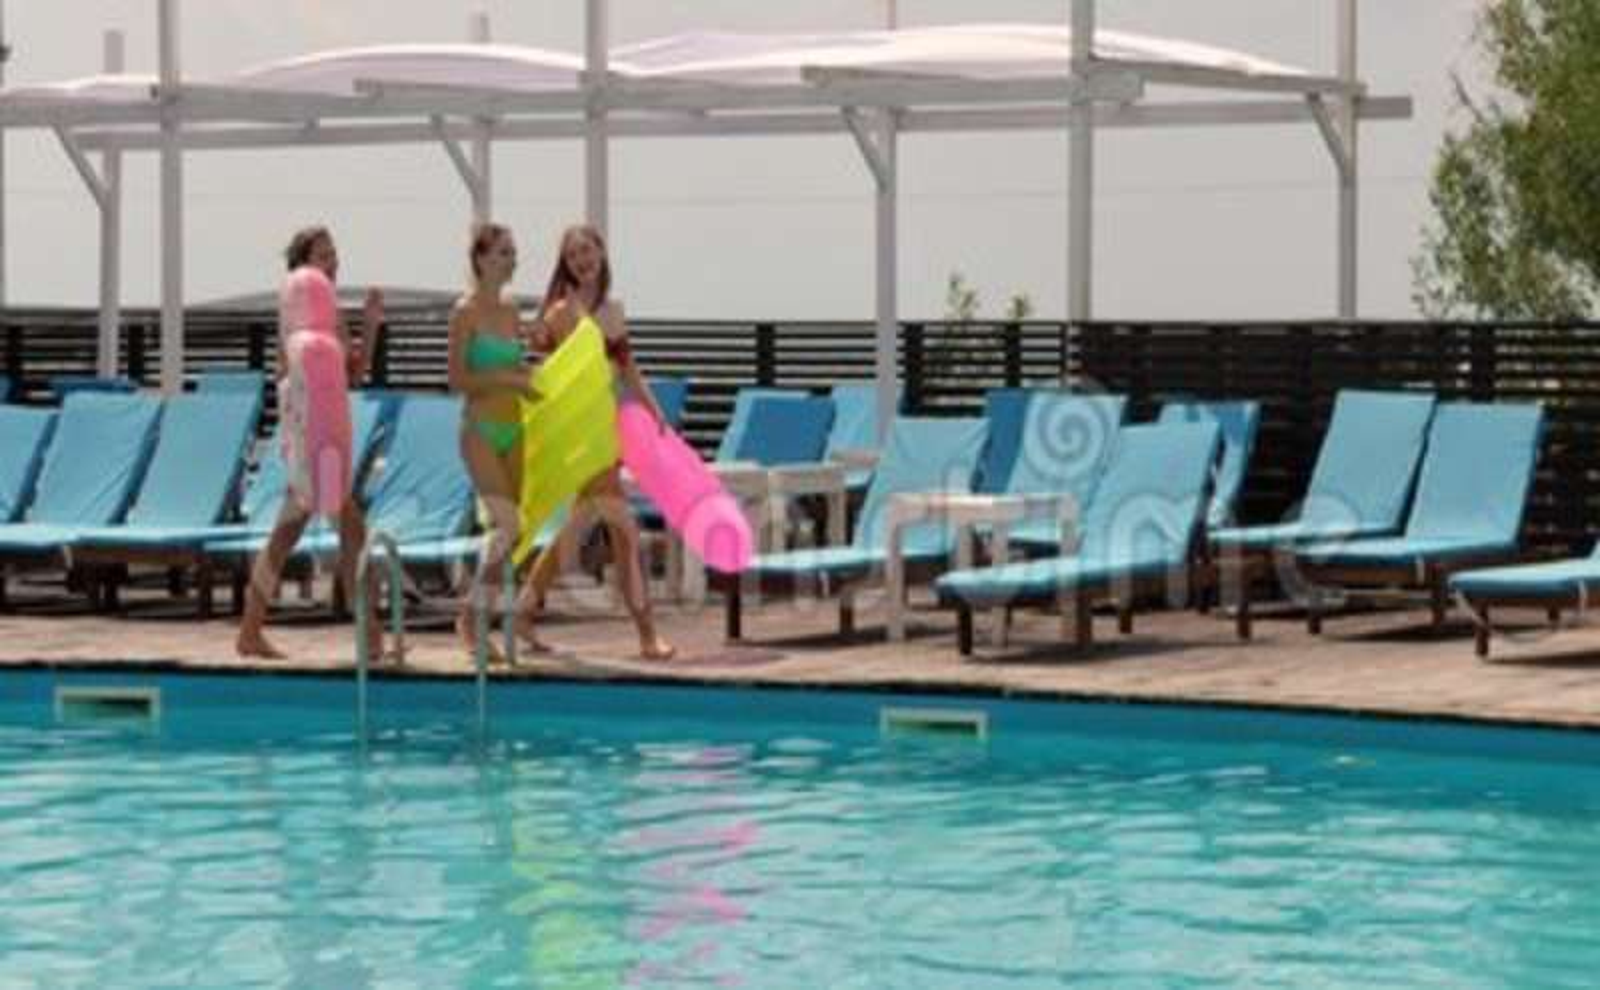 b11c44858be4 Las novias en bañador van a lo largo del embarcadero de madera en la  piscina del fondo con agua azul, mujeres jovenes.